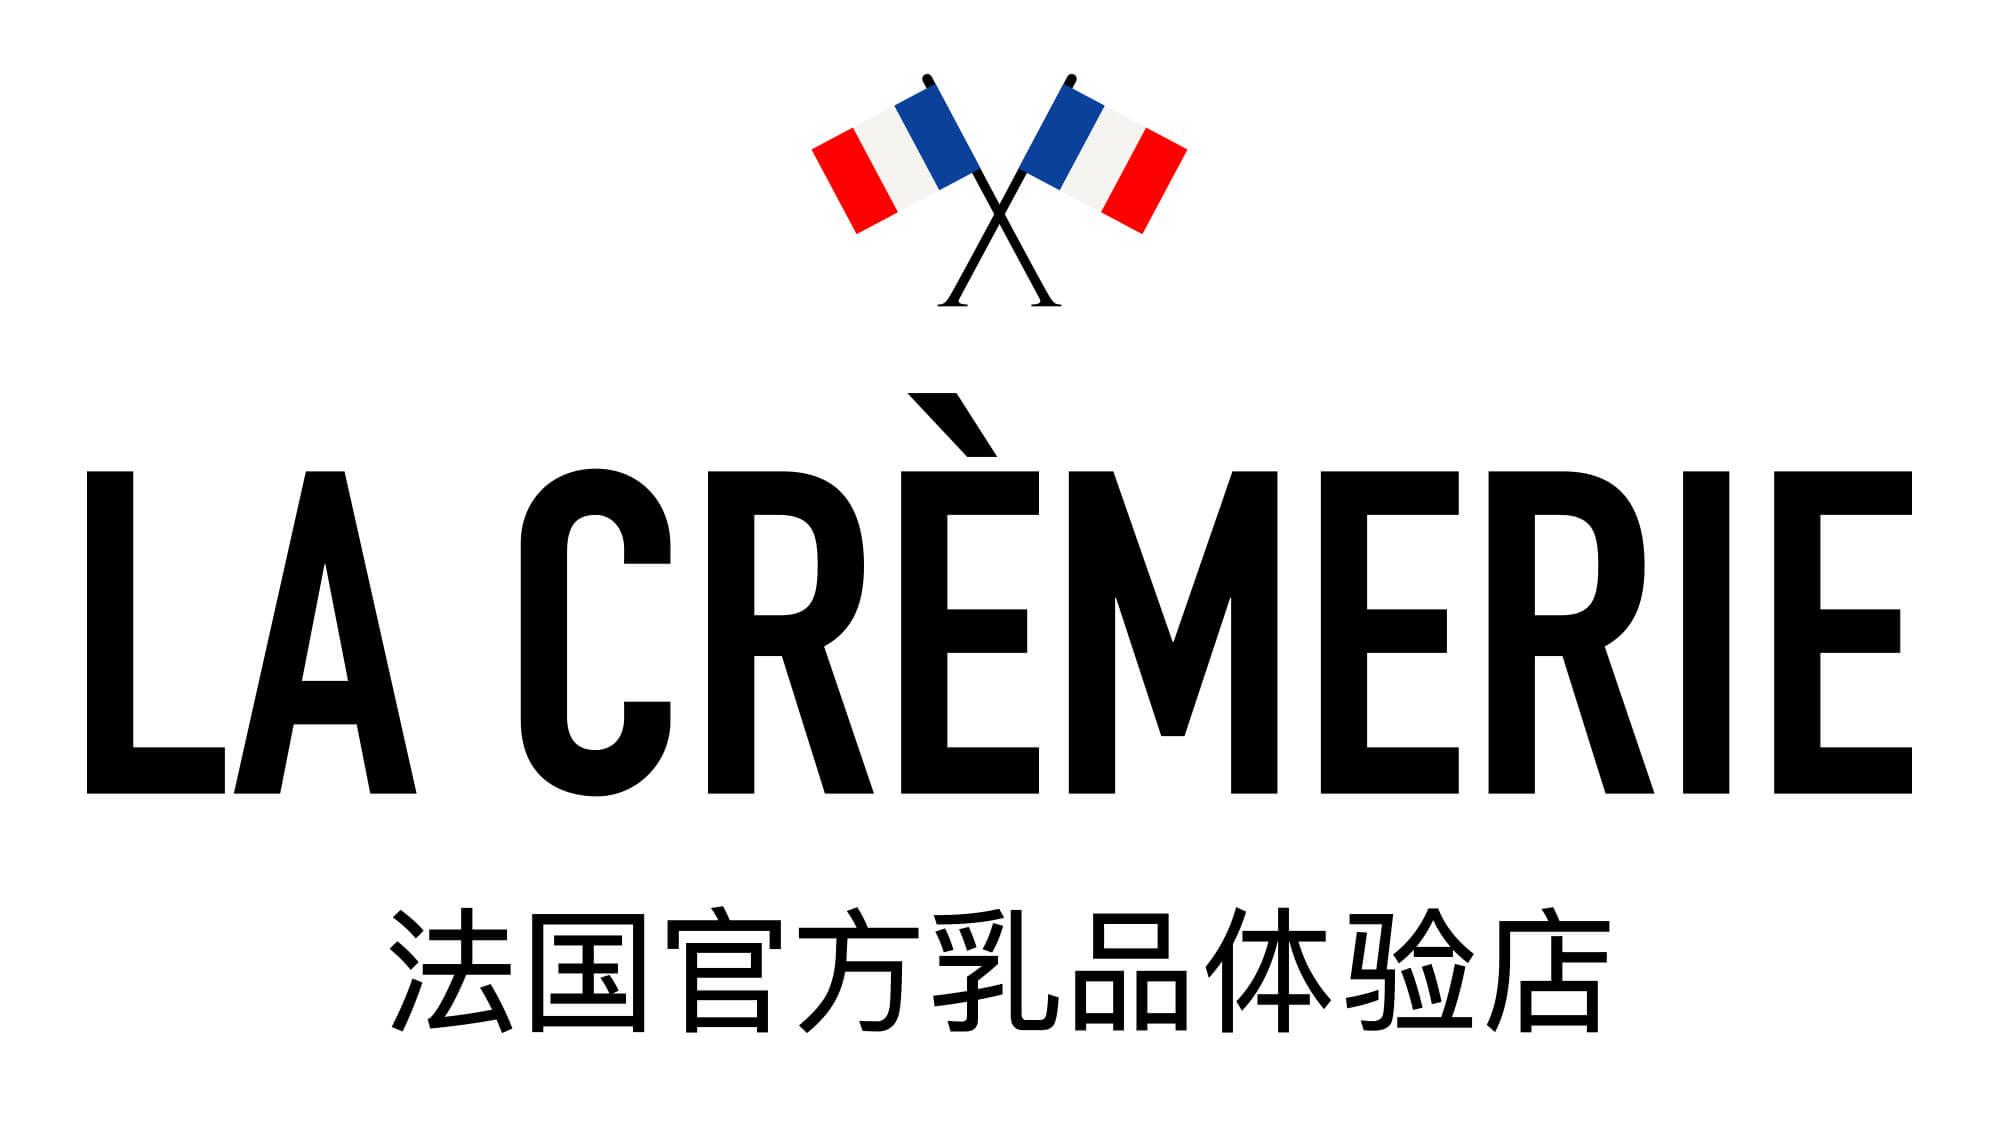 logo du nouveau flagship des produits laitiers français à Shangai dessiné par le studio Ich&Kar avec une linéale noire et petit drapeaux français